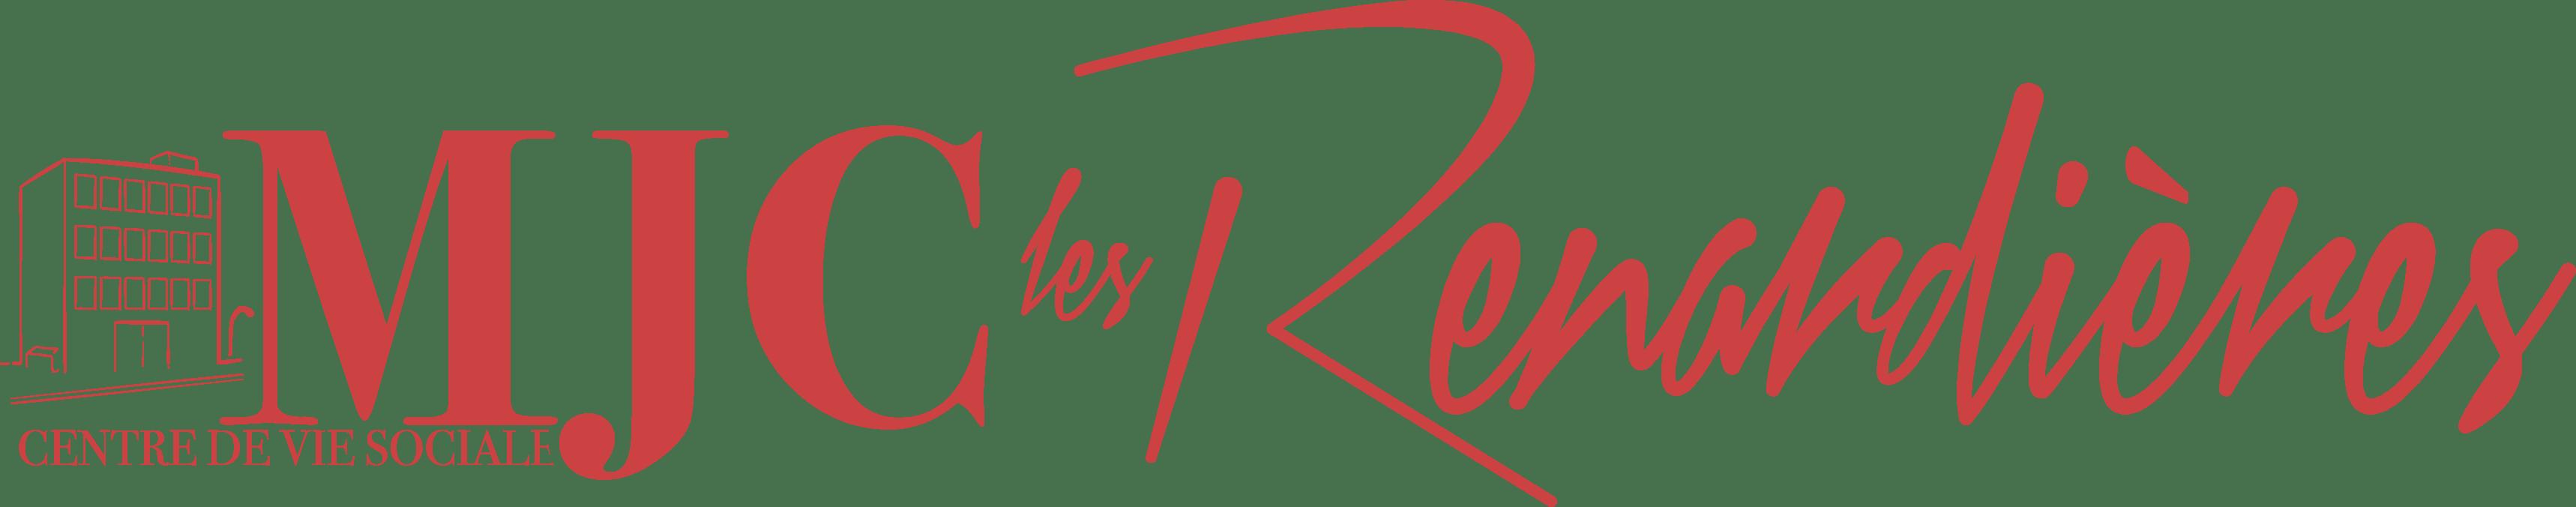 MJC Les Renardières